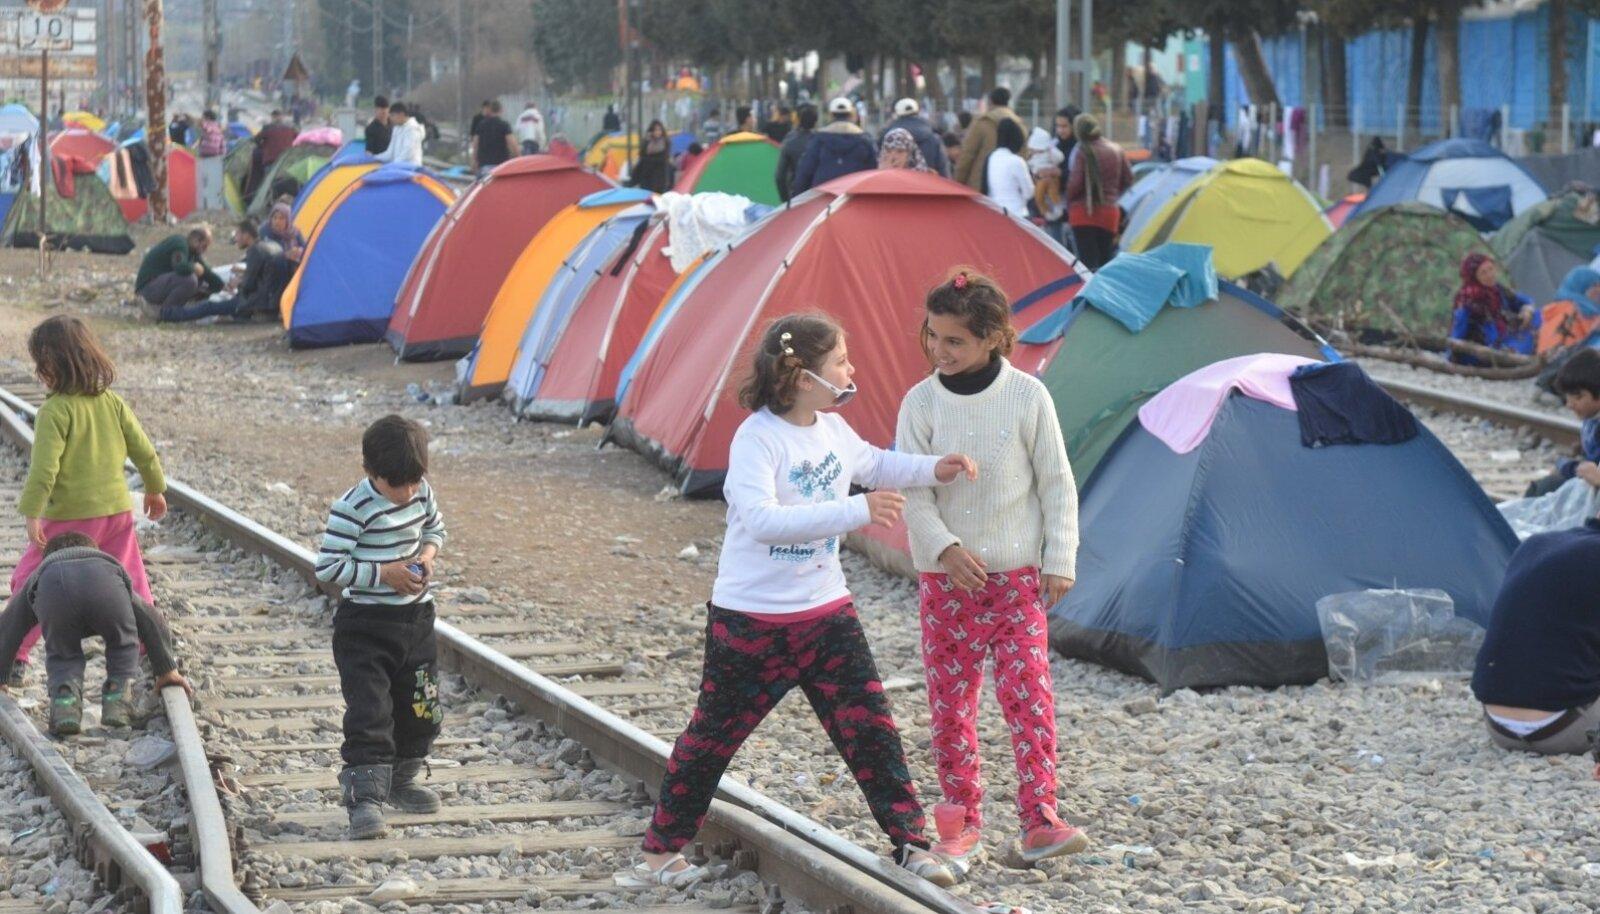 Põgenike telgid on Kreeka-Makedoonia piirialal püsti pandud rööbasteede vahele, raudteeliiklus jätkub.